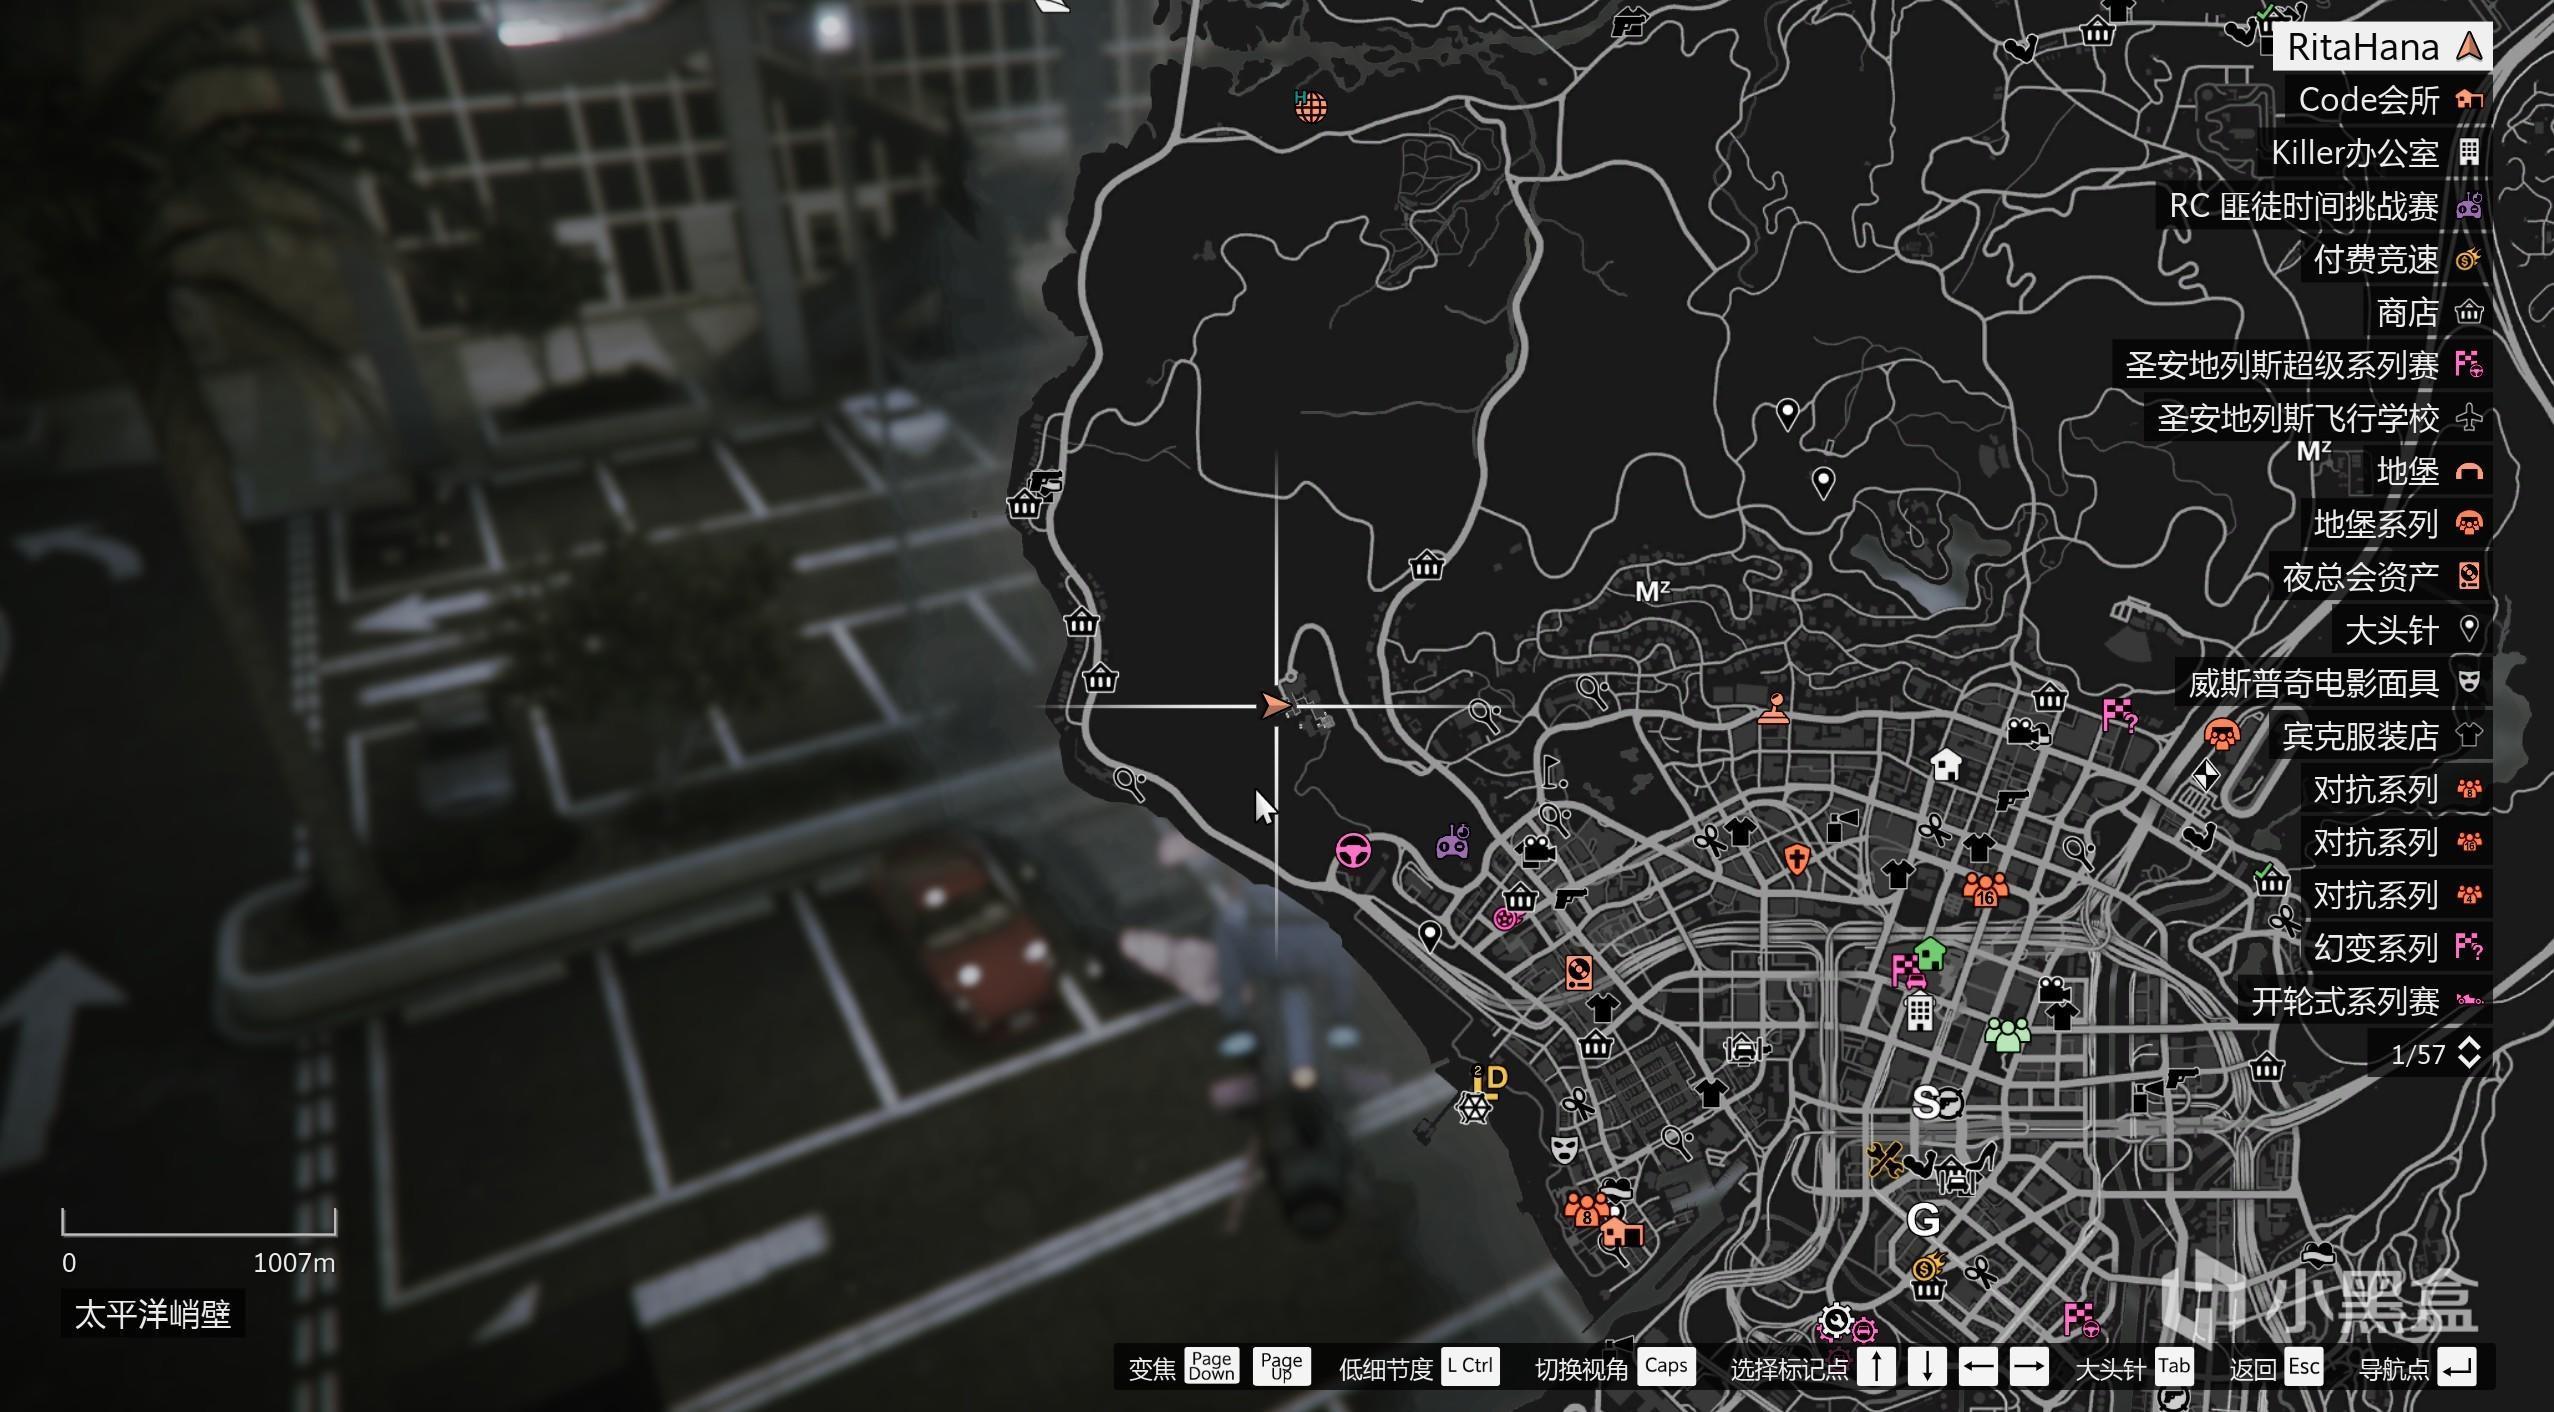 GTA5所罗门电影道具全收集插图25